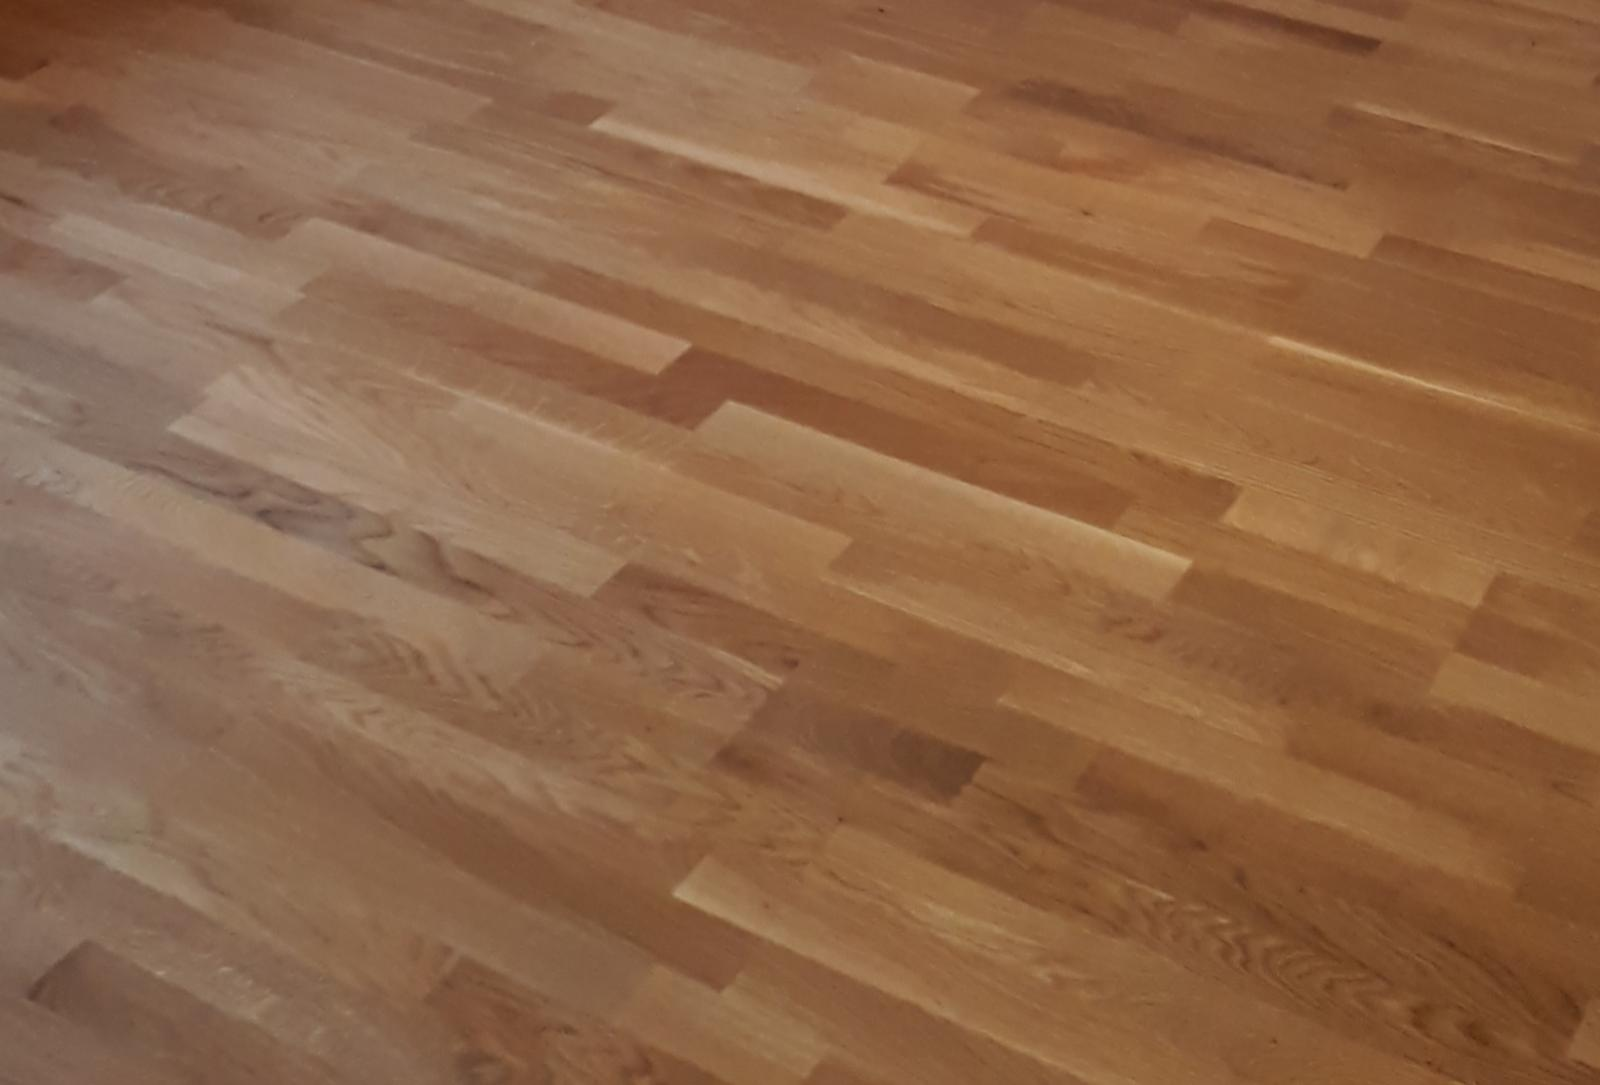 Predám drevenú podlahu - Obrázok č. 1